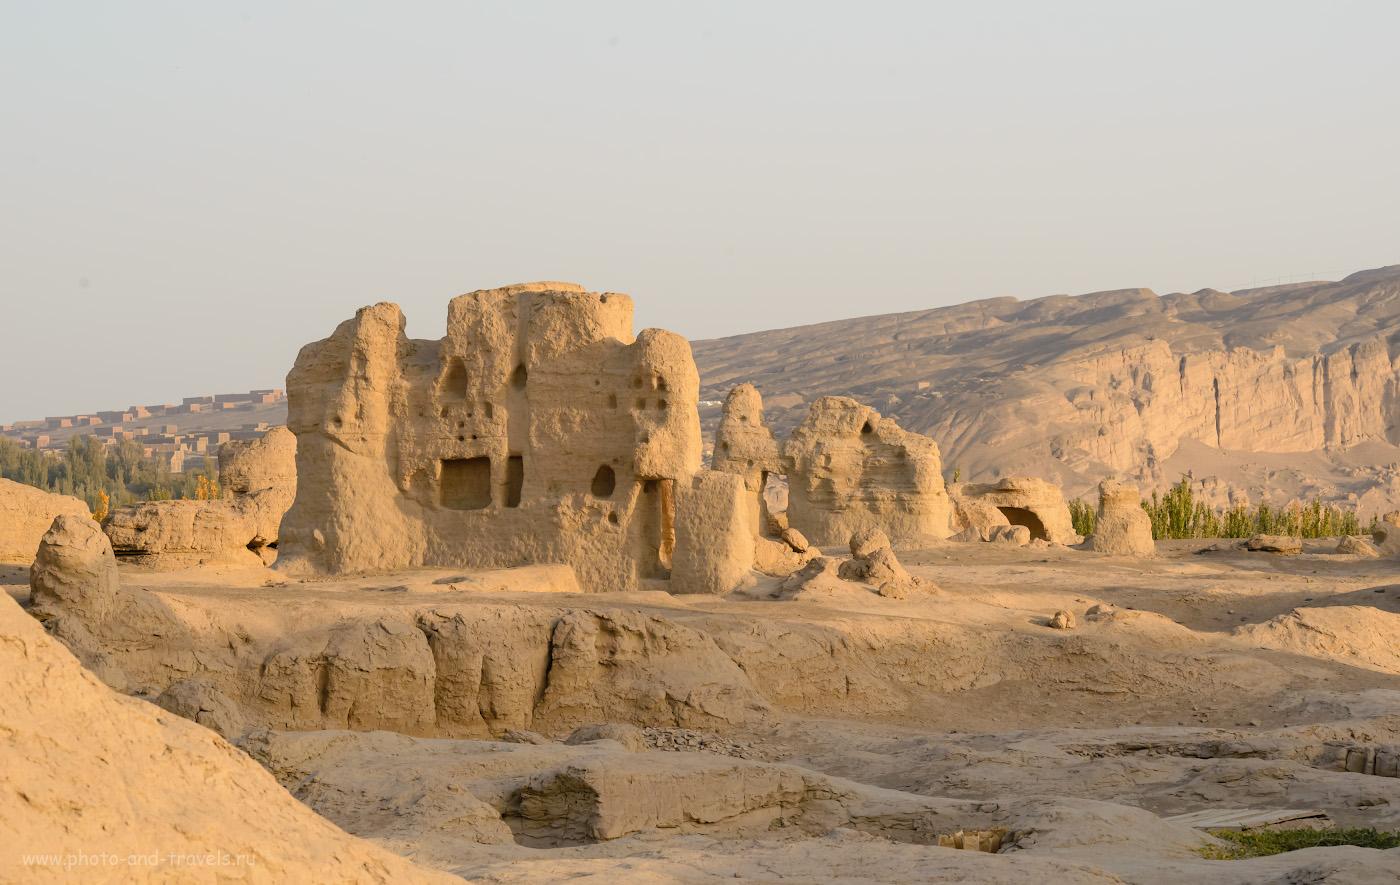 Фотография 15. Замки из песка в старинном городе Яр-хото. Экскурсии в Турфане в окрестностях Урумчи во время поездки в Китай самостоятельно.